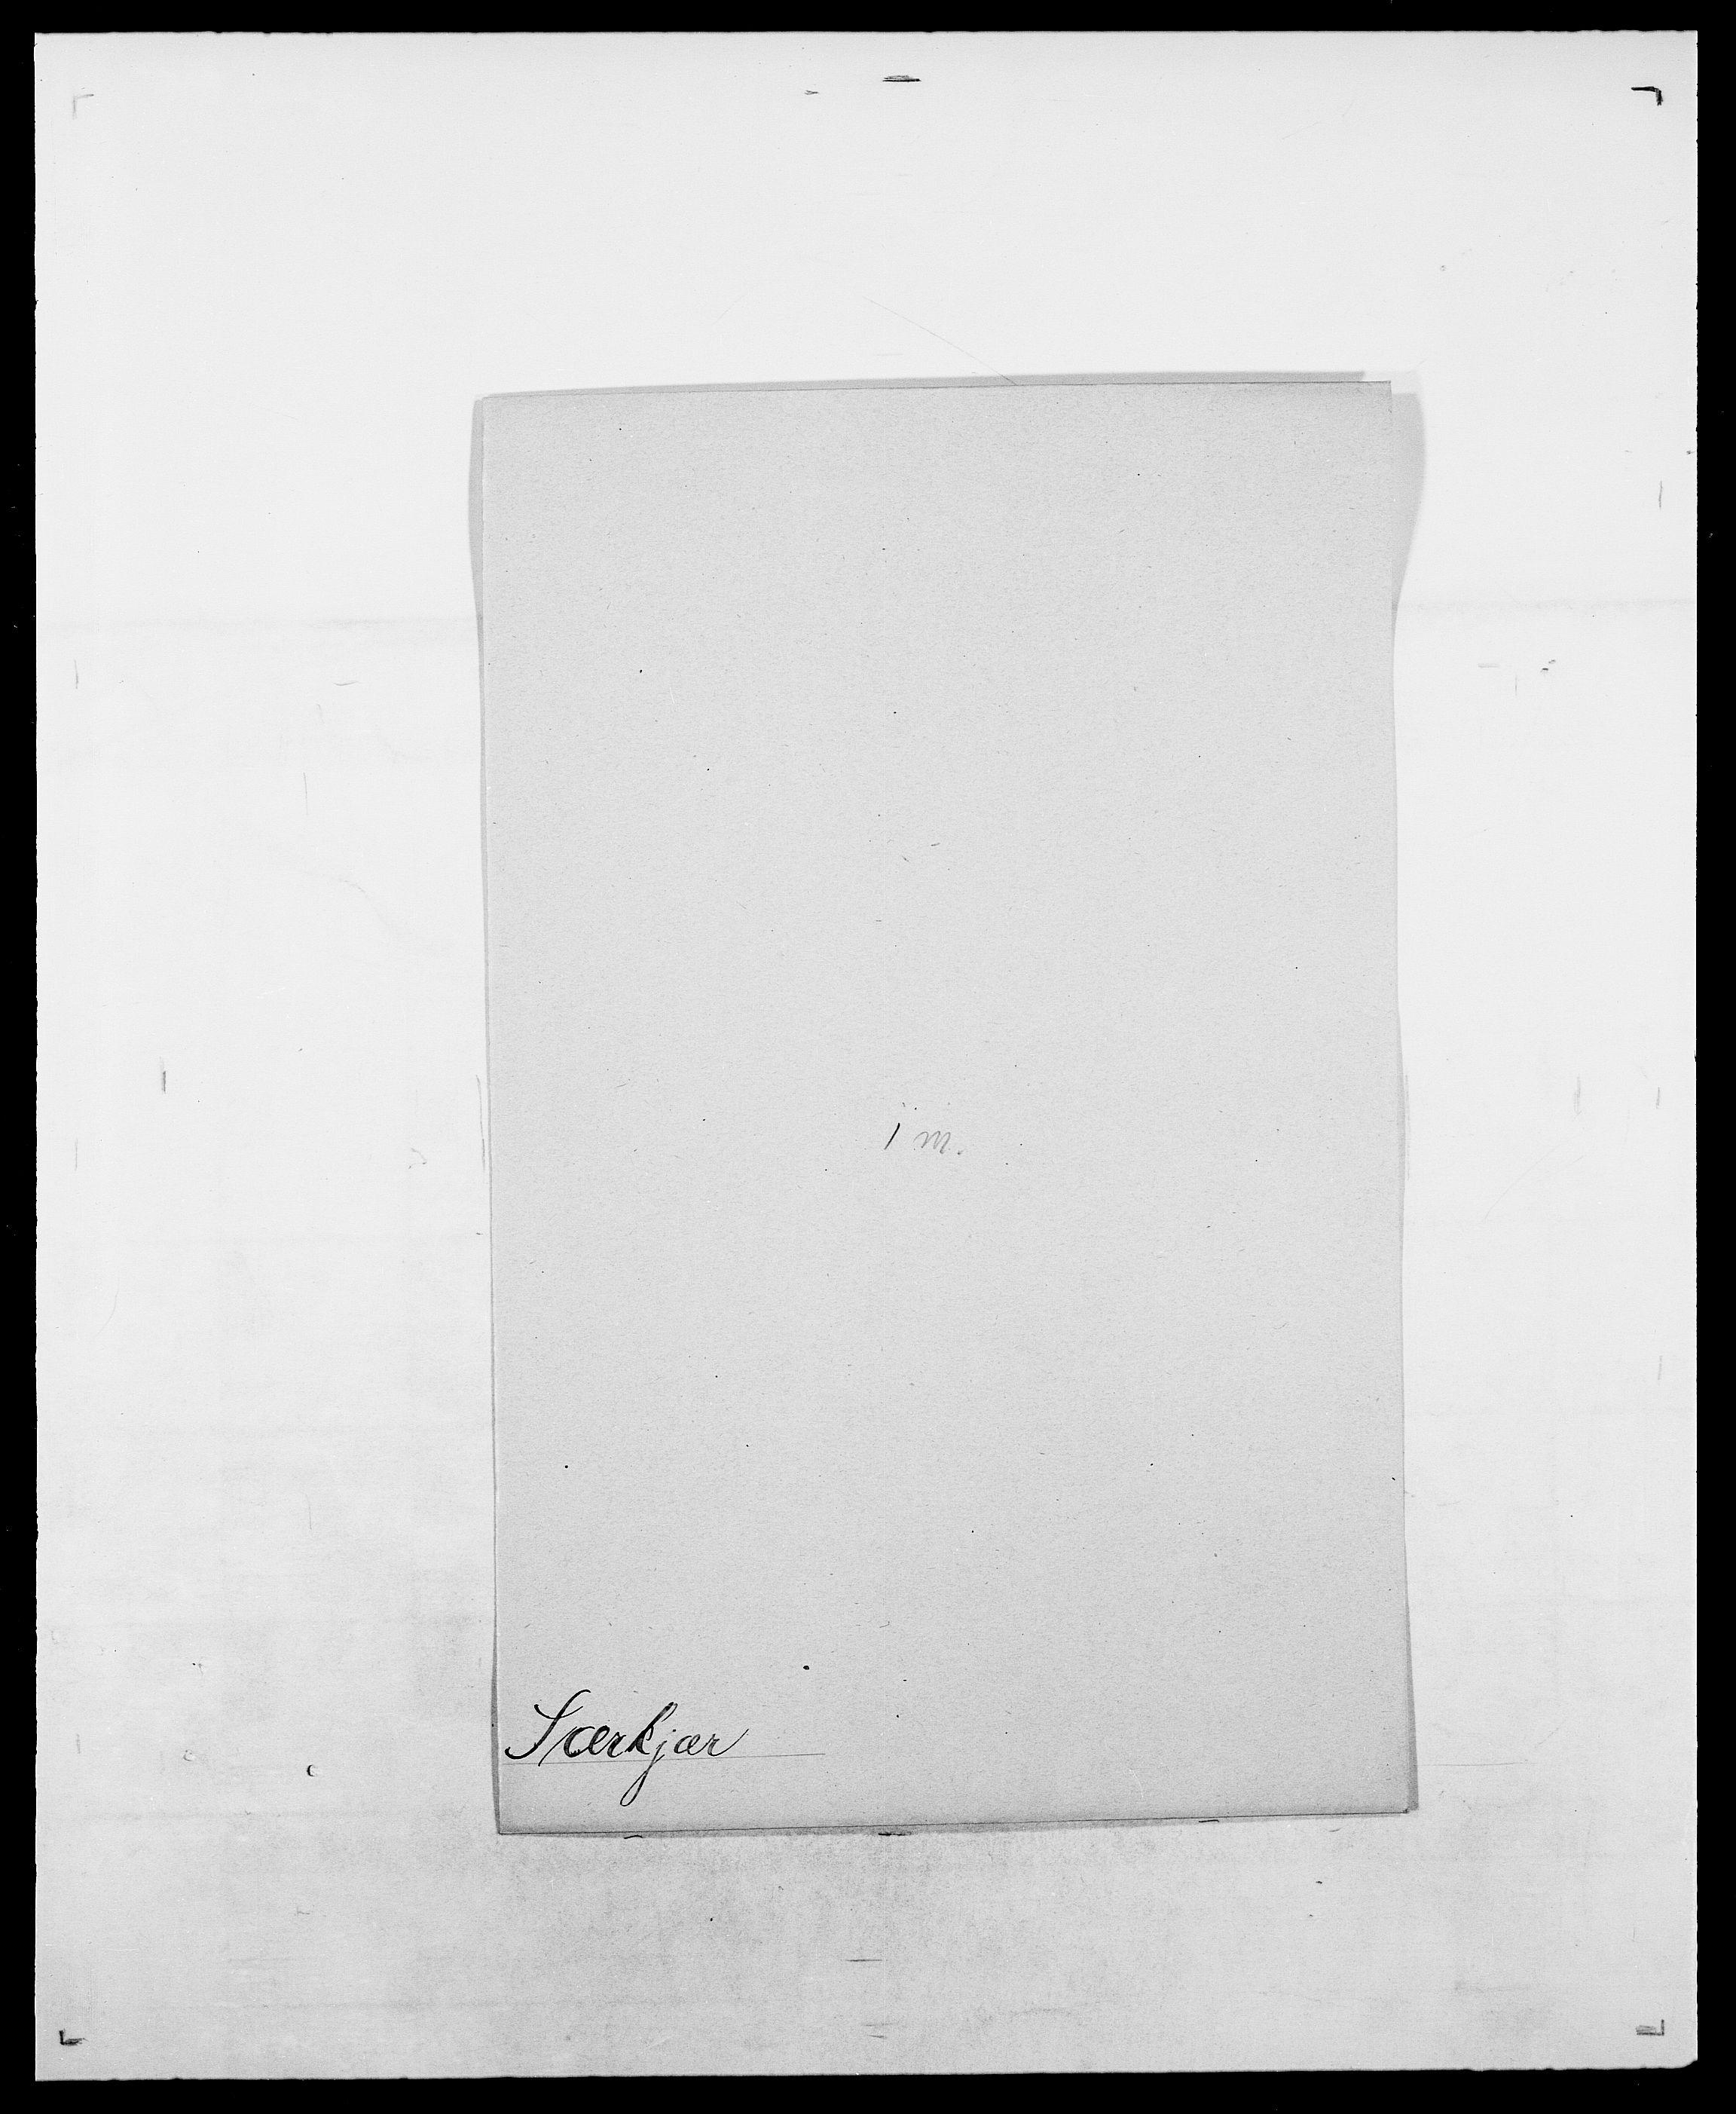 SAO, Delgobe, Charles Antoine - samling, D/Da/L0038: Svanenskjold - Thornsohn, s. 130